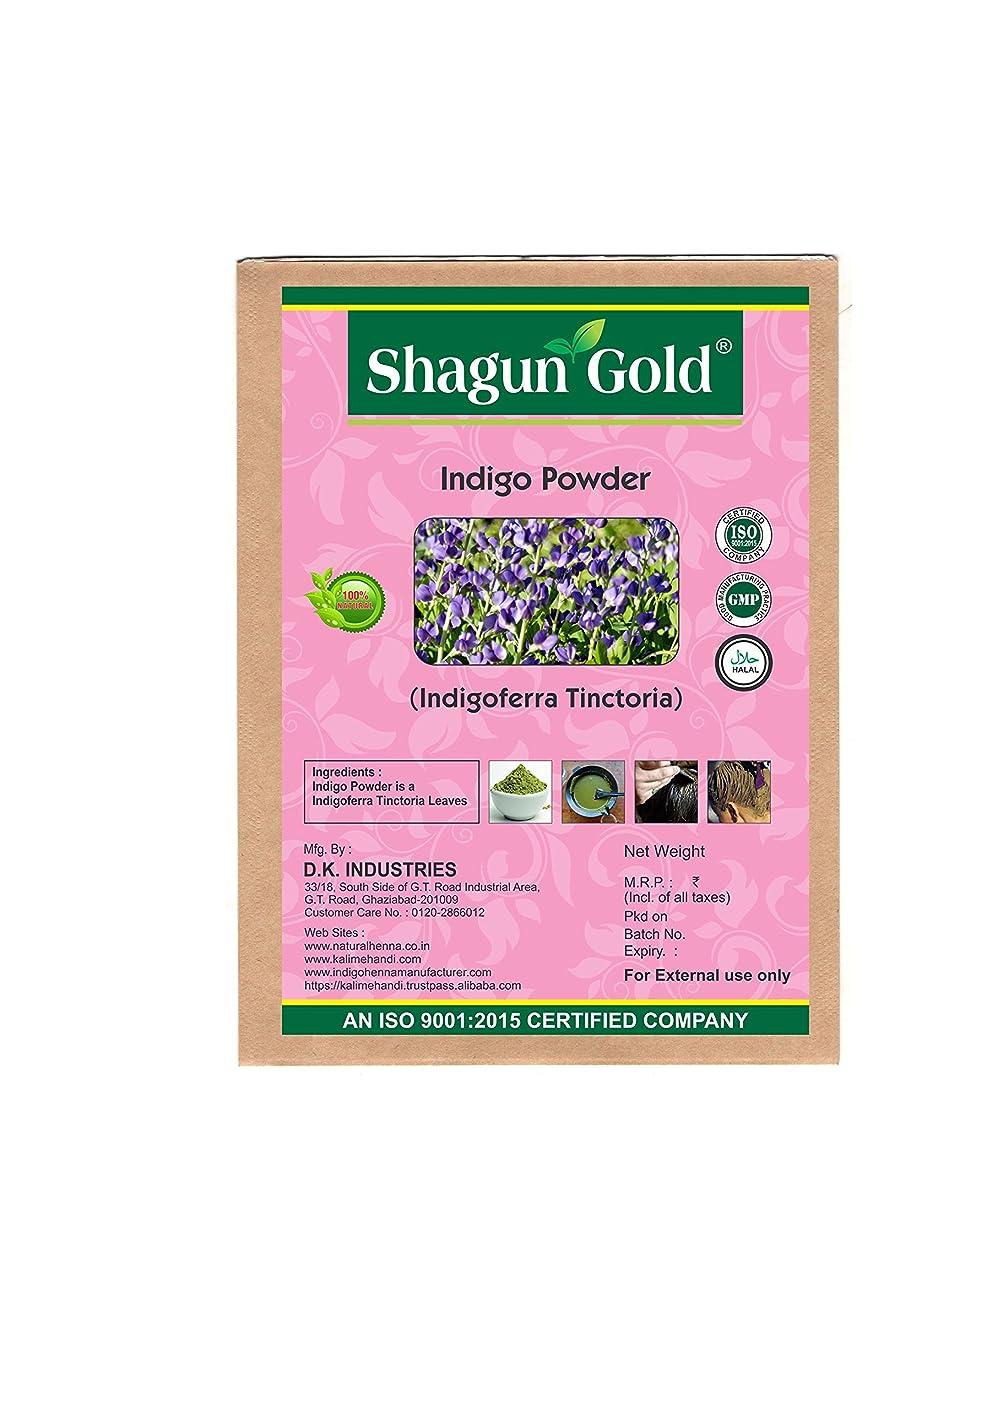 担保モス行列Shagun Gold A 100% Natural ( Indigofera Tinctoria ) Natural Indigo Powder For Hair Certified By Gmp / Halal / ISO-9001-2015 No Ammonia, No PPD, Chemical Free 176 Oz / ( 11 lb ) / 5Kg